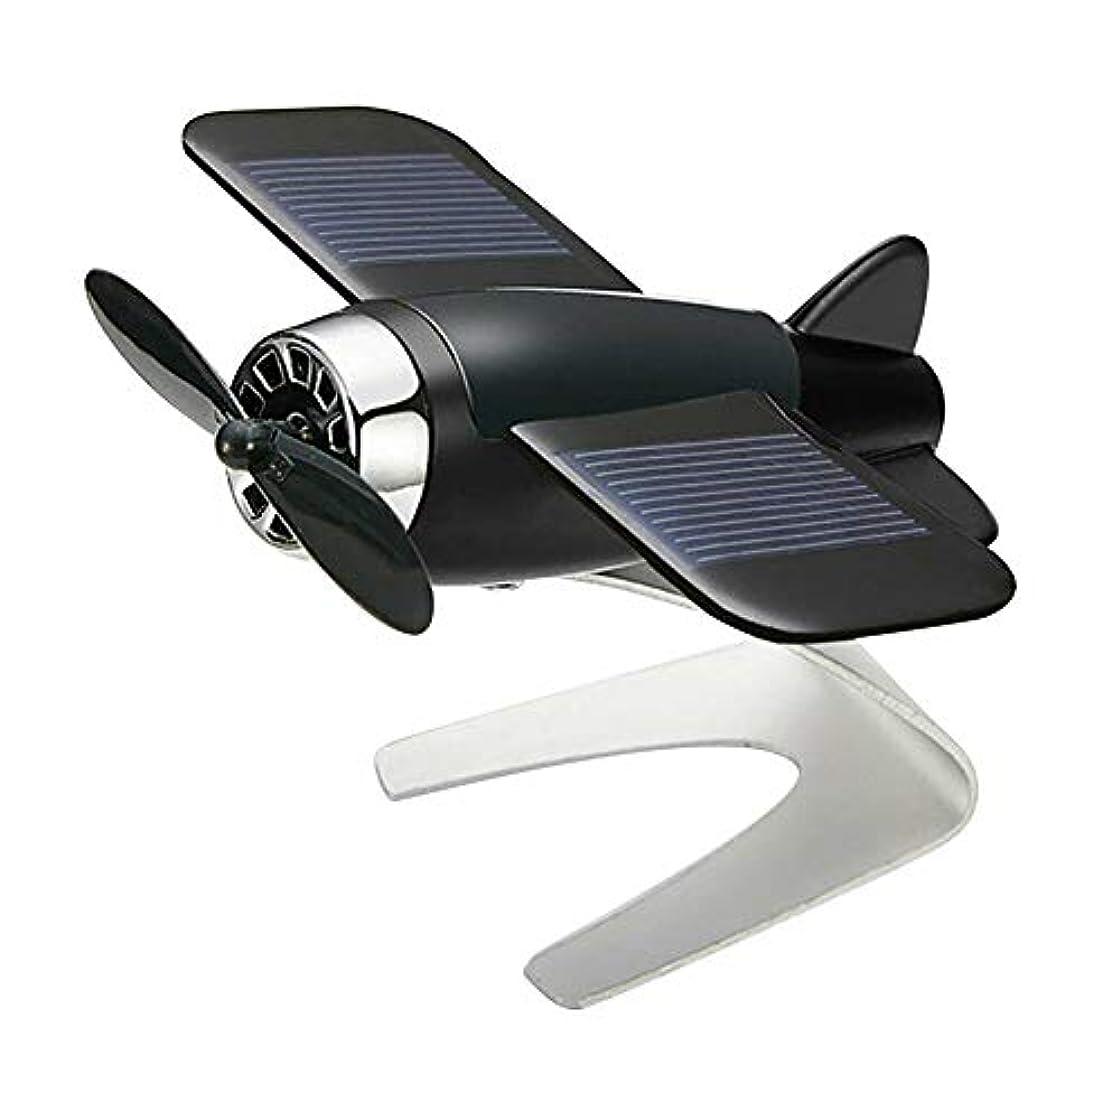 しなければならないネックレス怠けたSymboat 車の芳香剤飛行機航空機モデル太陽エネルギーアロマテラピー室内装飾